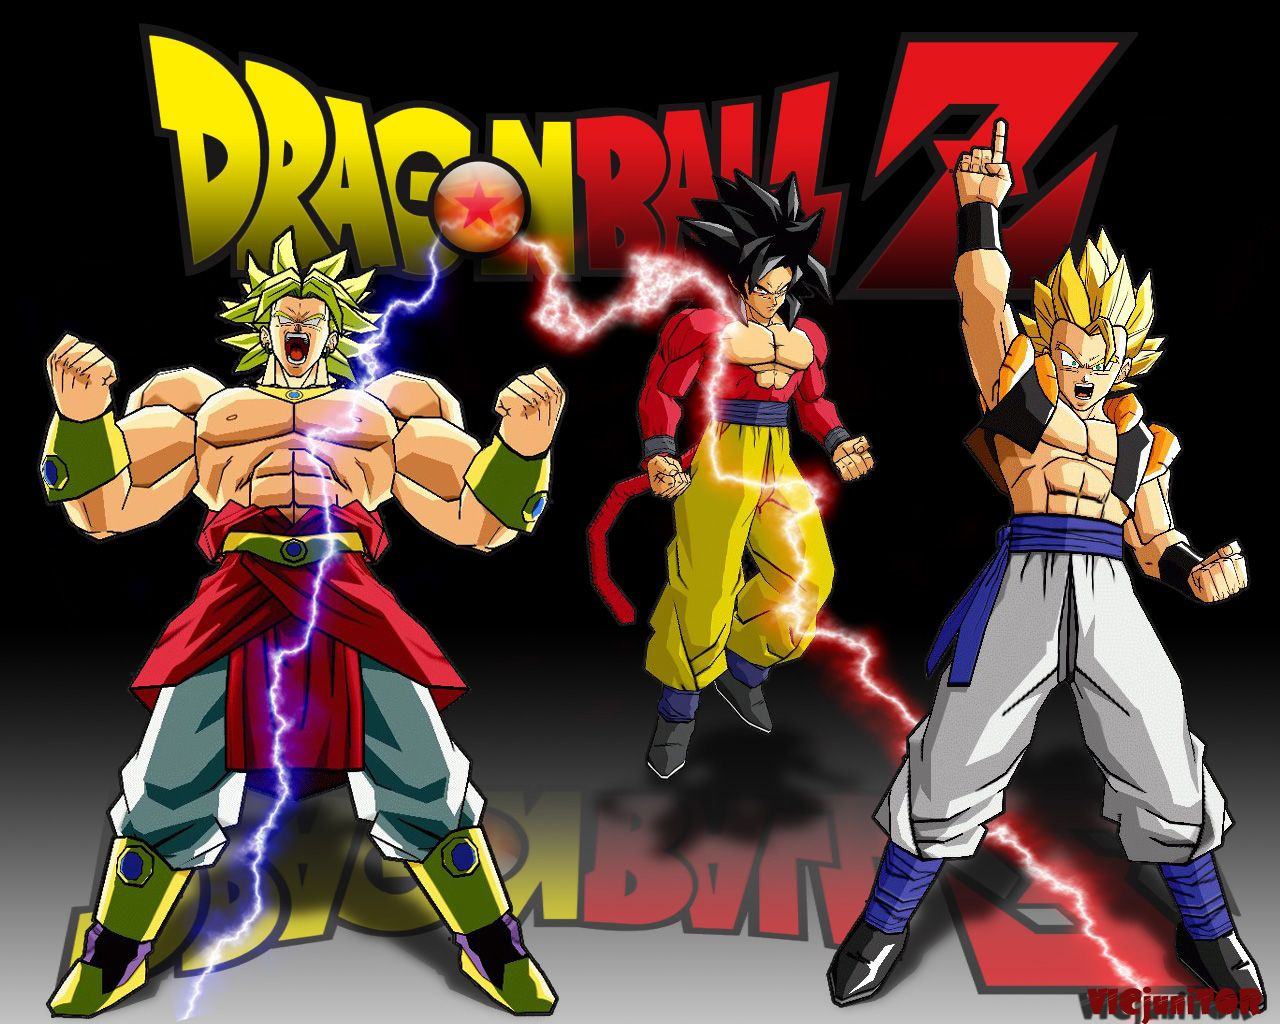 Fondos Dragon Ball Z Gt Juegos Onlines Gratis Juegos Buenos Online Juegos Online Sin Registro Anime Dragon Ball Z Dragon Ball Gt